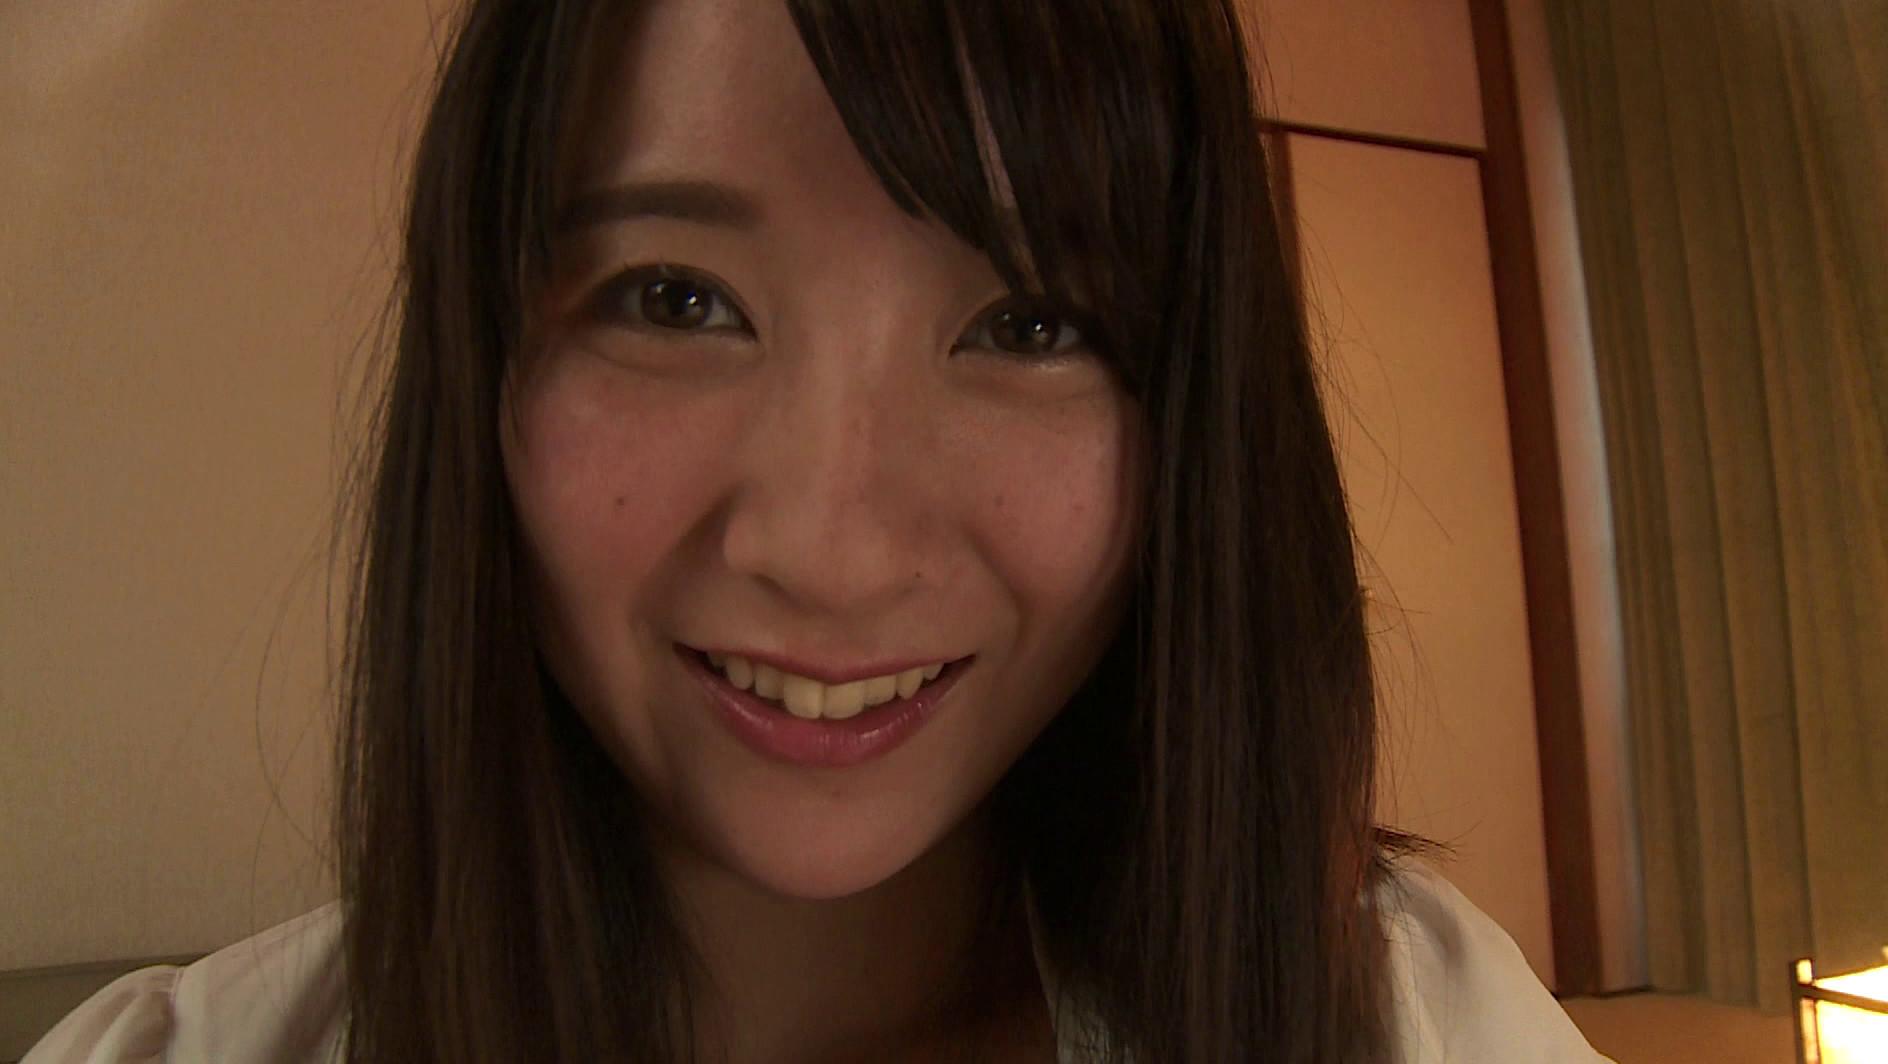 恋の栞 紺野栞18